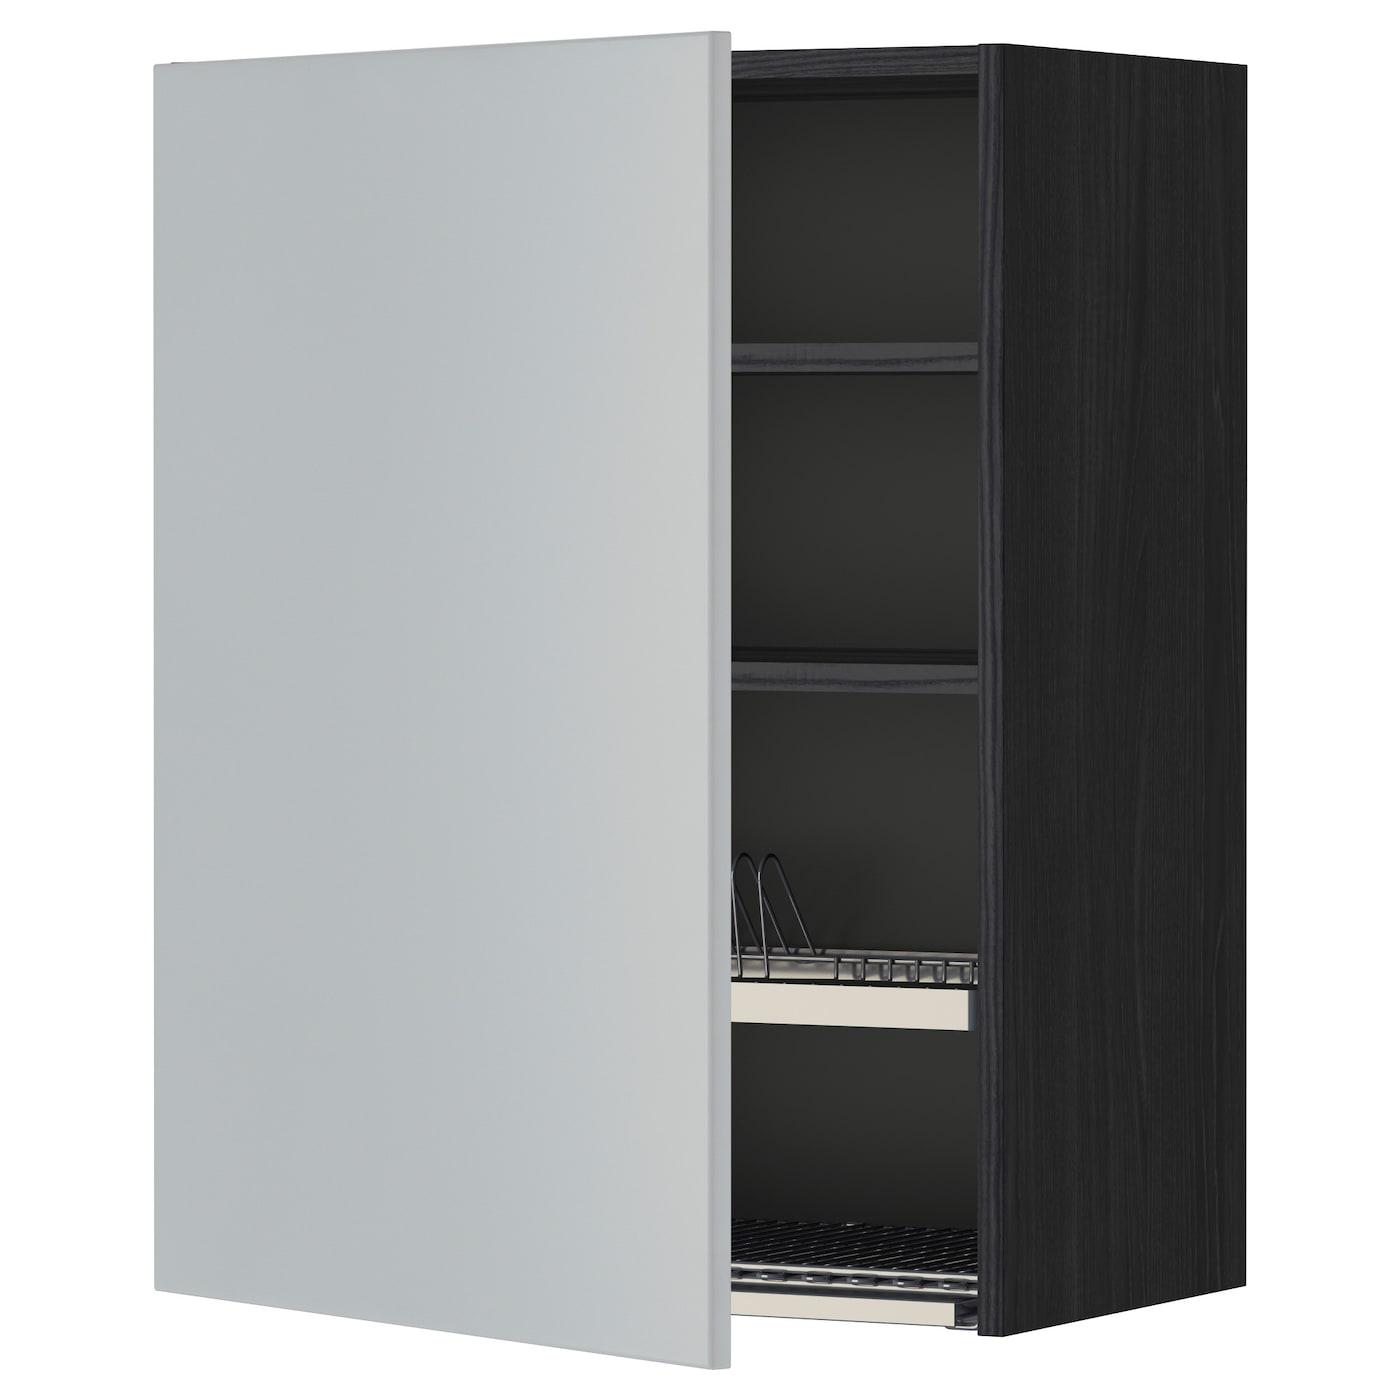 METOD | Küche und Esszimmer > Küchenschränke > Küchen-Hängeschränke | Schwarz | IKEA